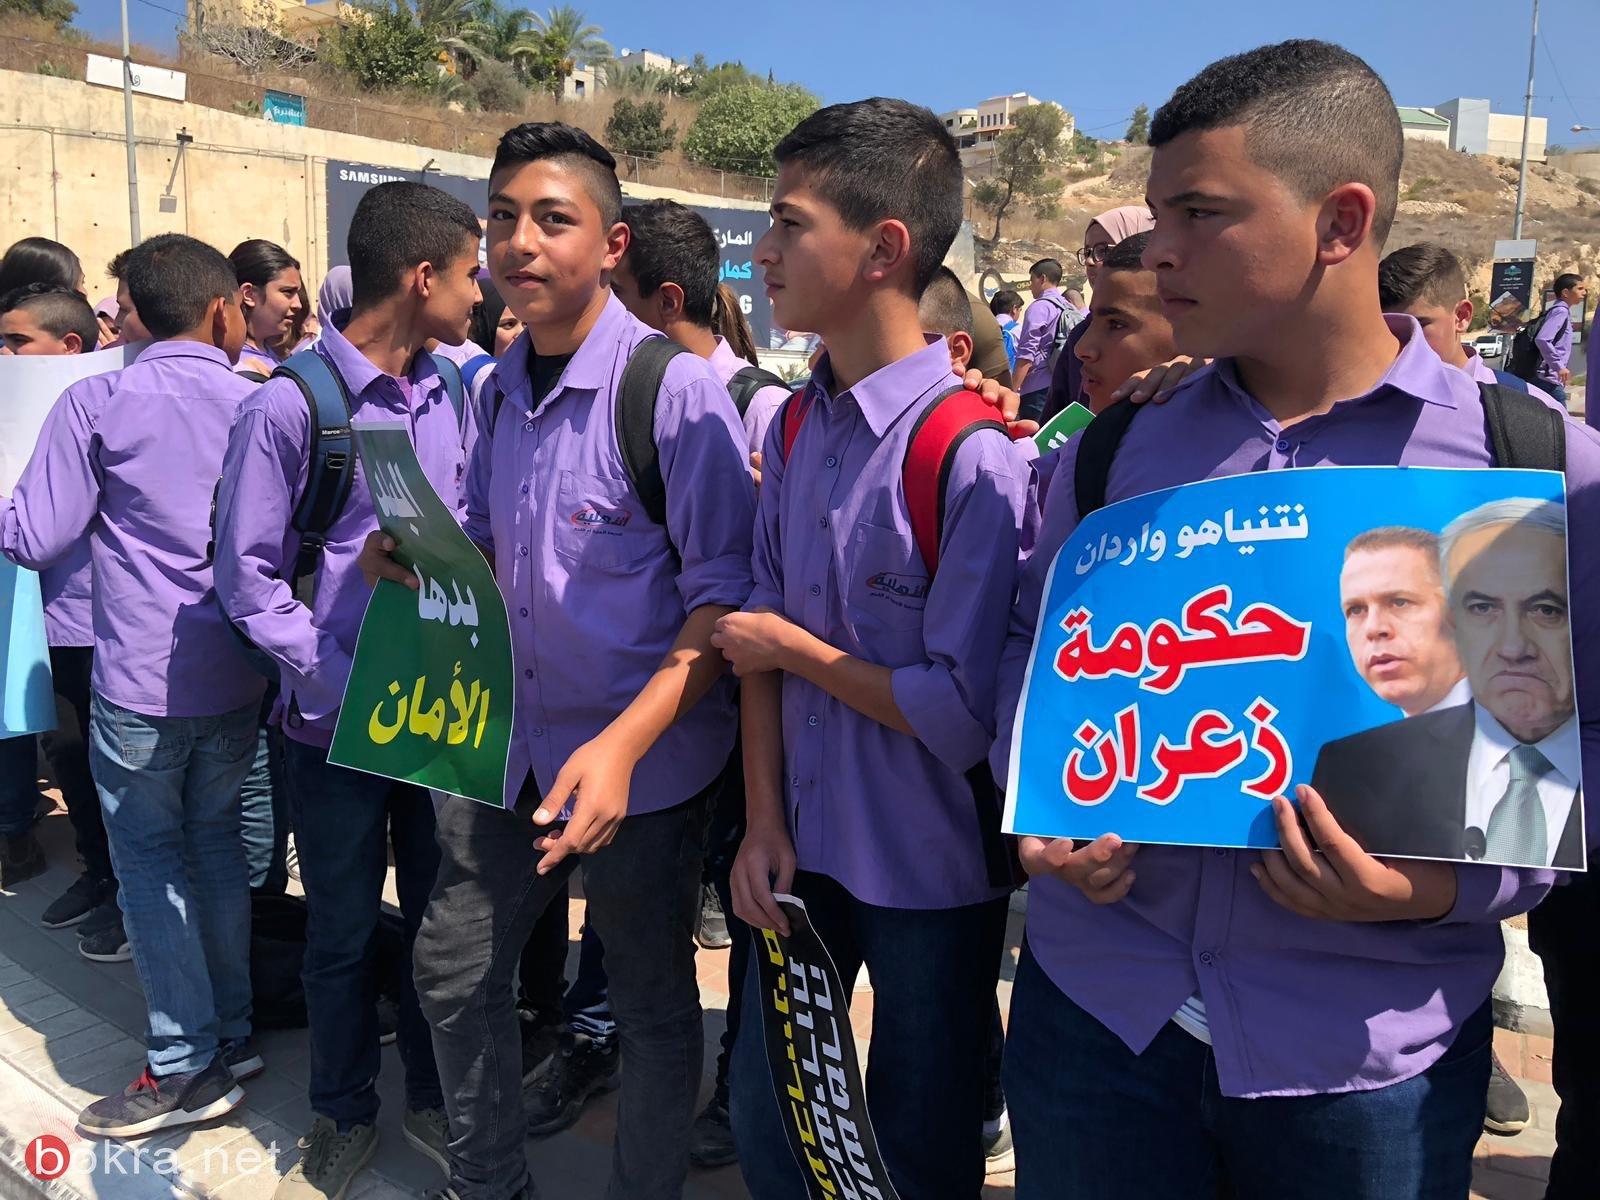 طلاب المدارس في أمّ الفحم ينتفضون ضد العنف-13